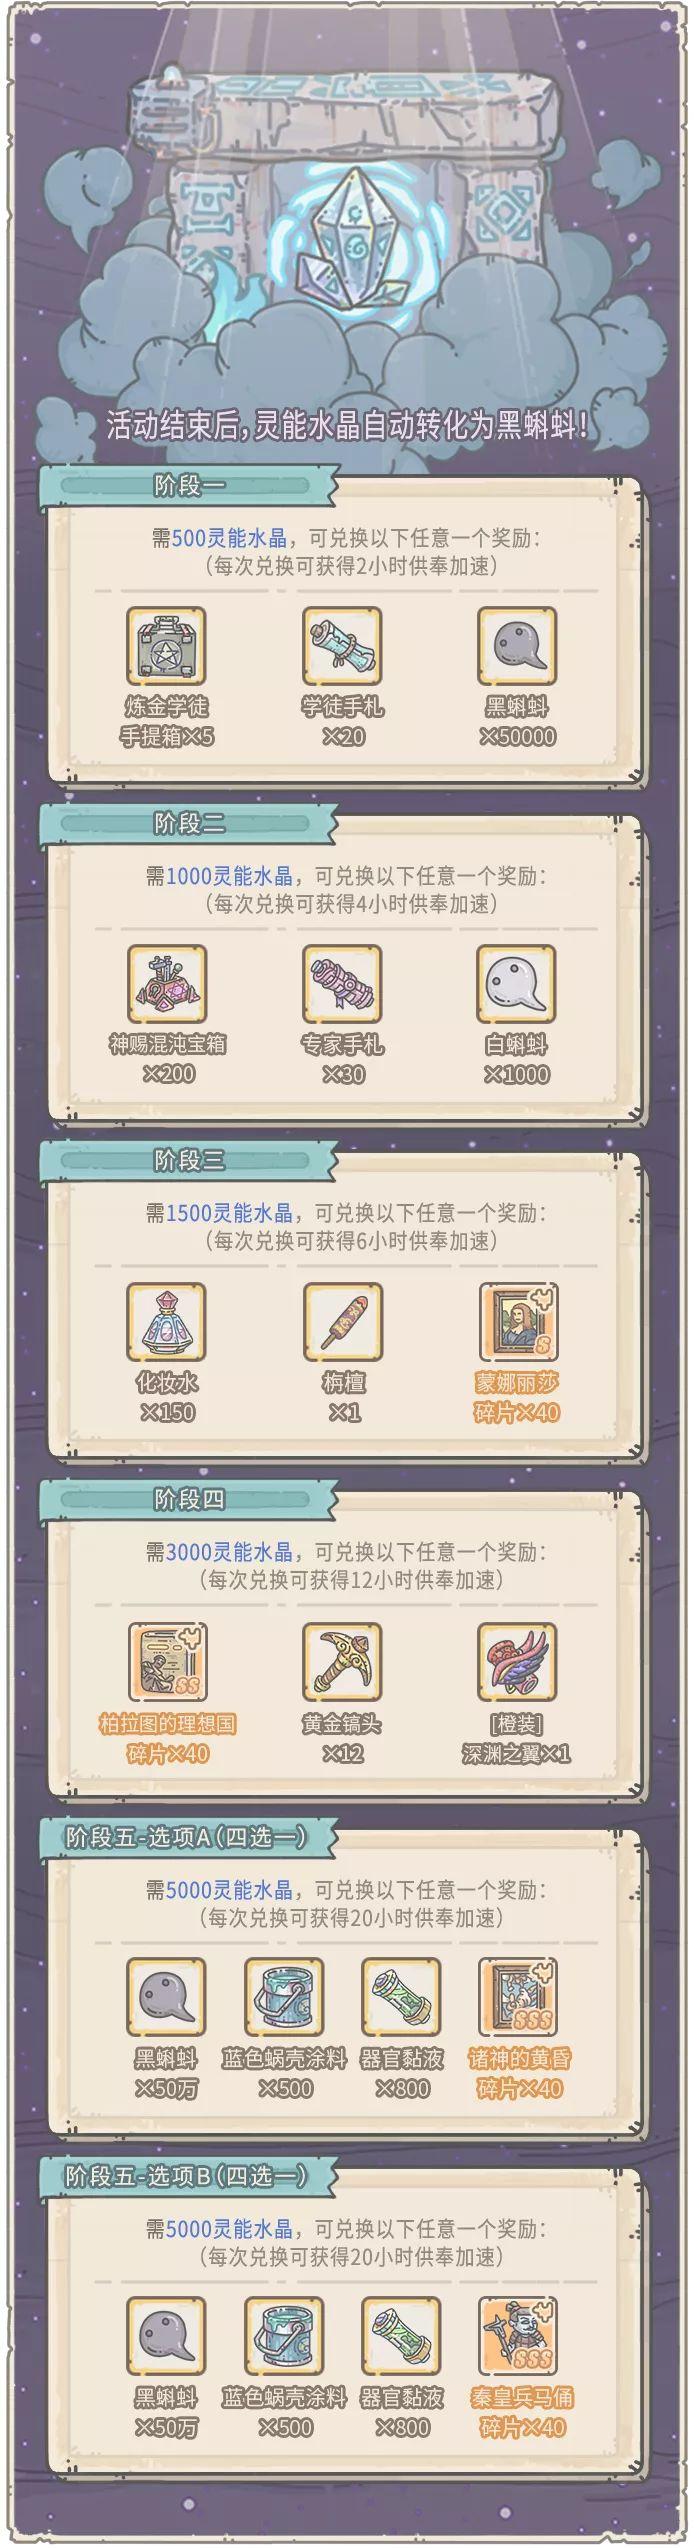 《最强蜗牛》3月5日活动预告介绍